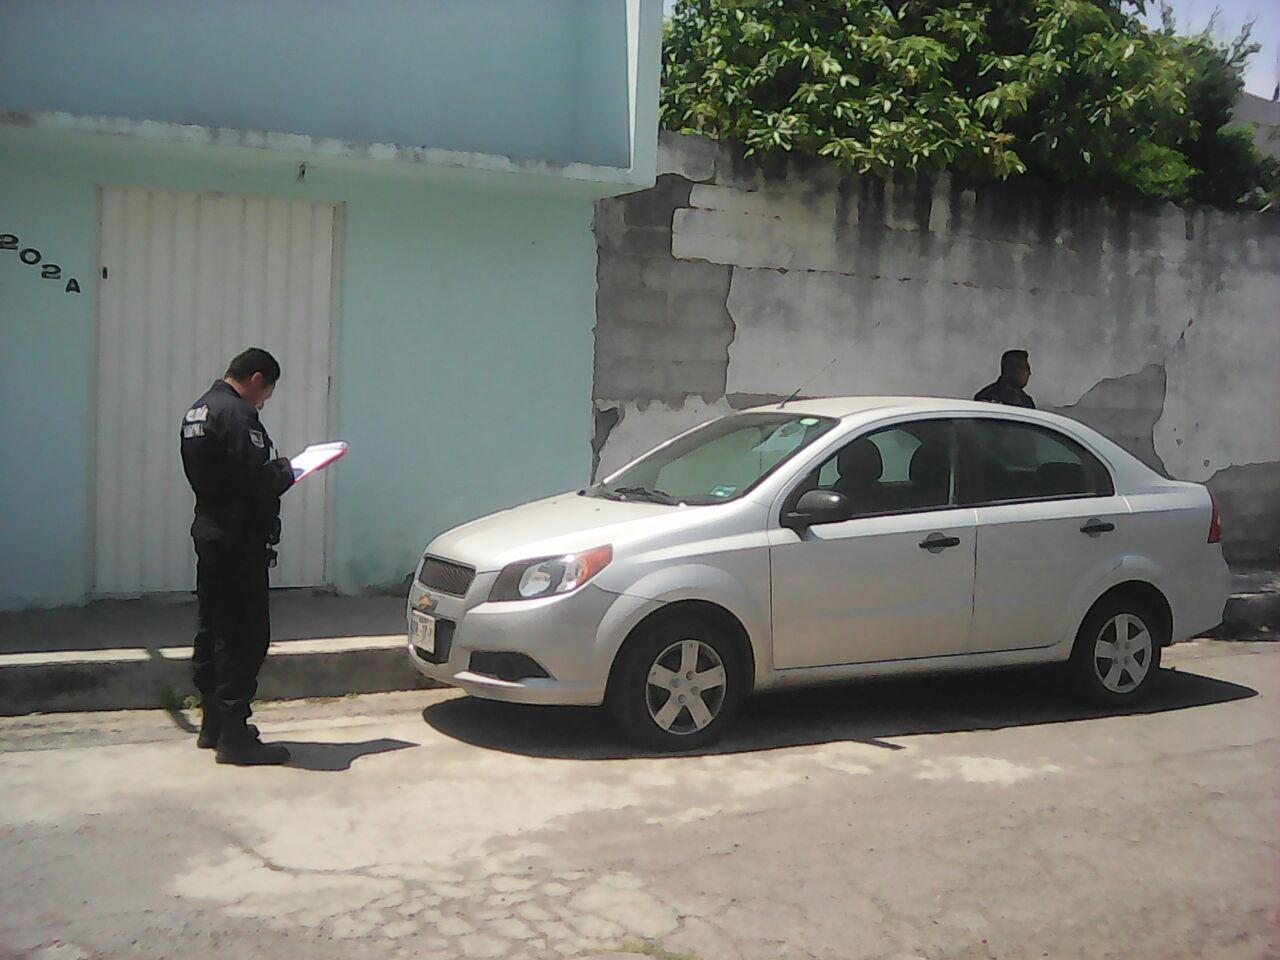 Policía de Totolac, recupera vehículo con reporte de robo